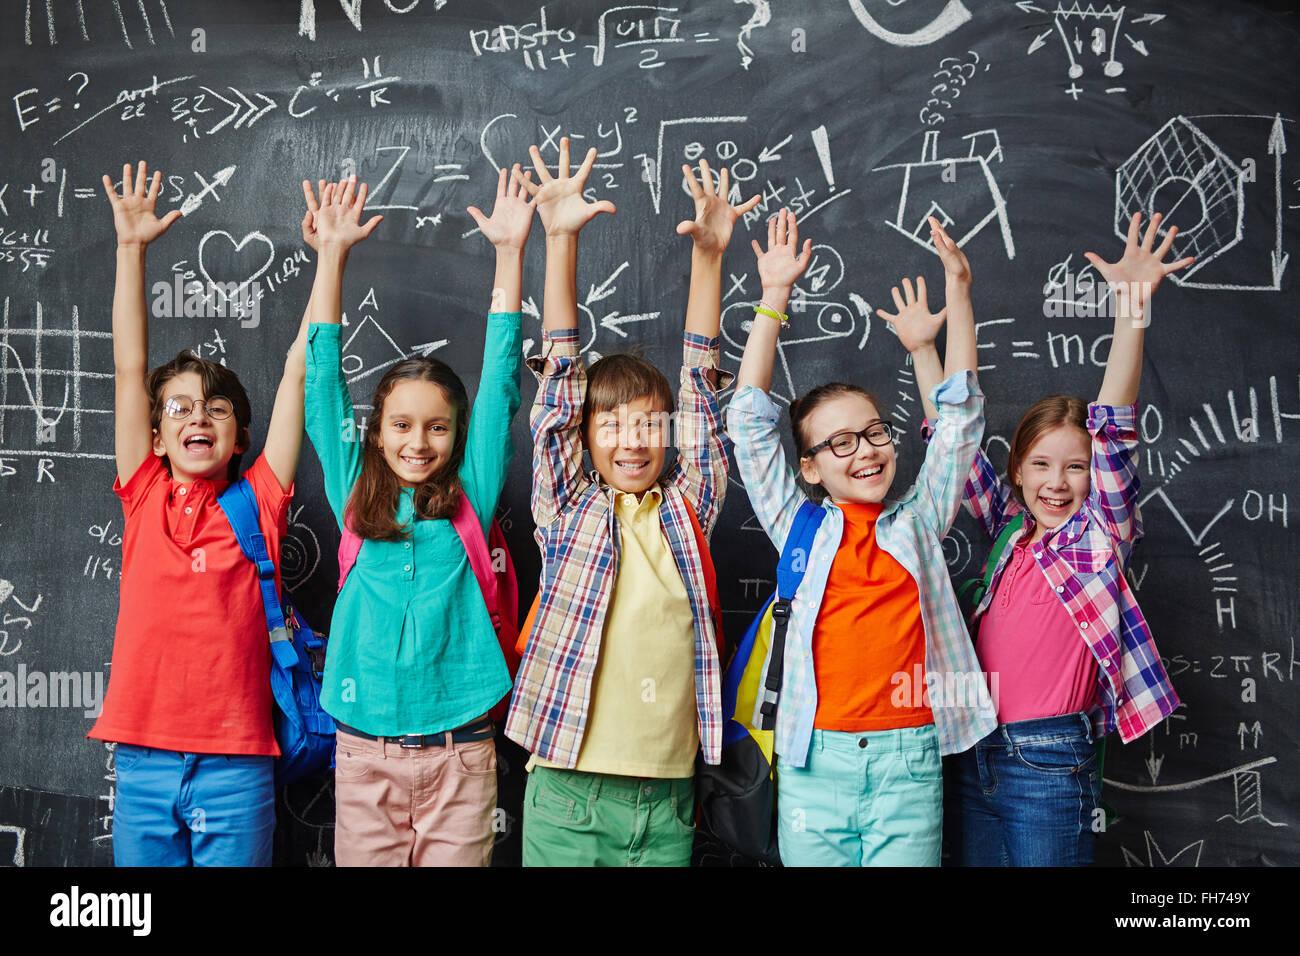 Gli allievi estatica alzando le mani contro di Blackboard Immagini Stock